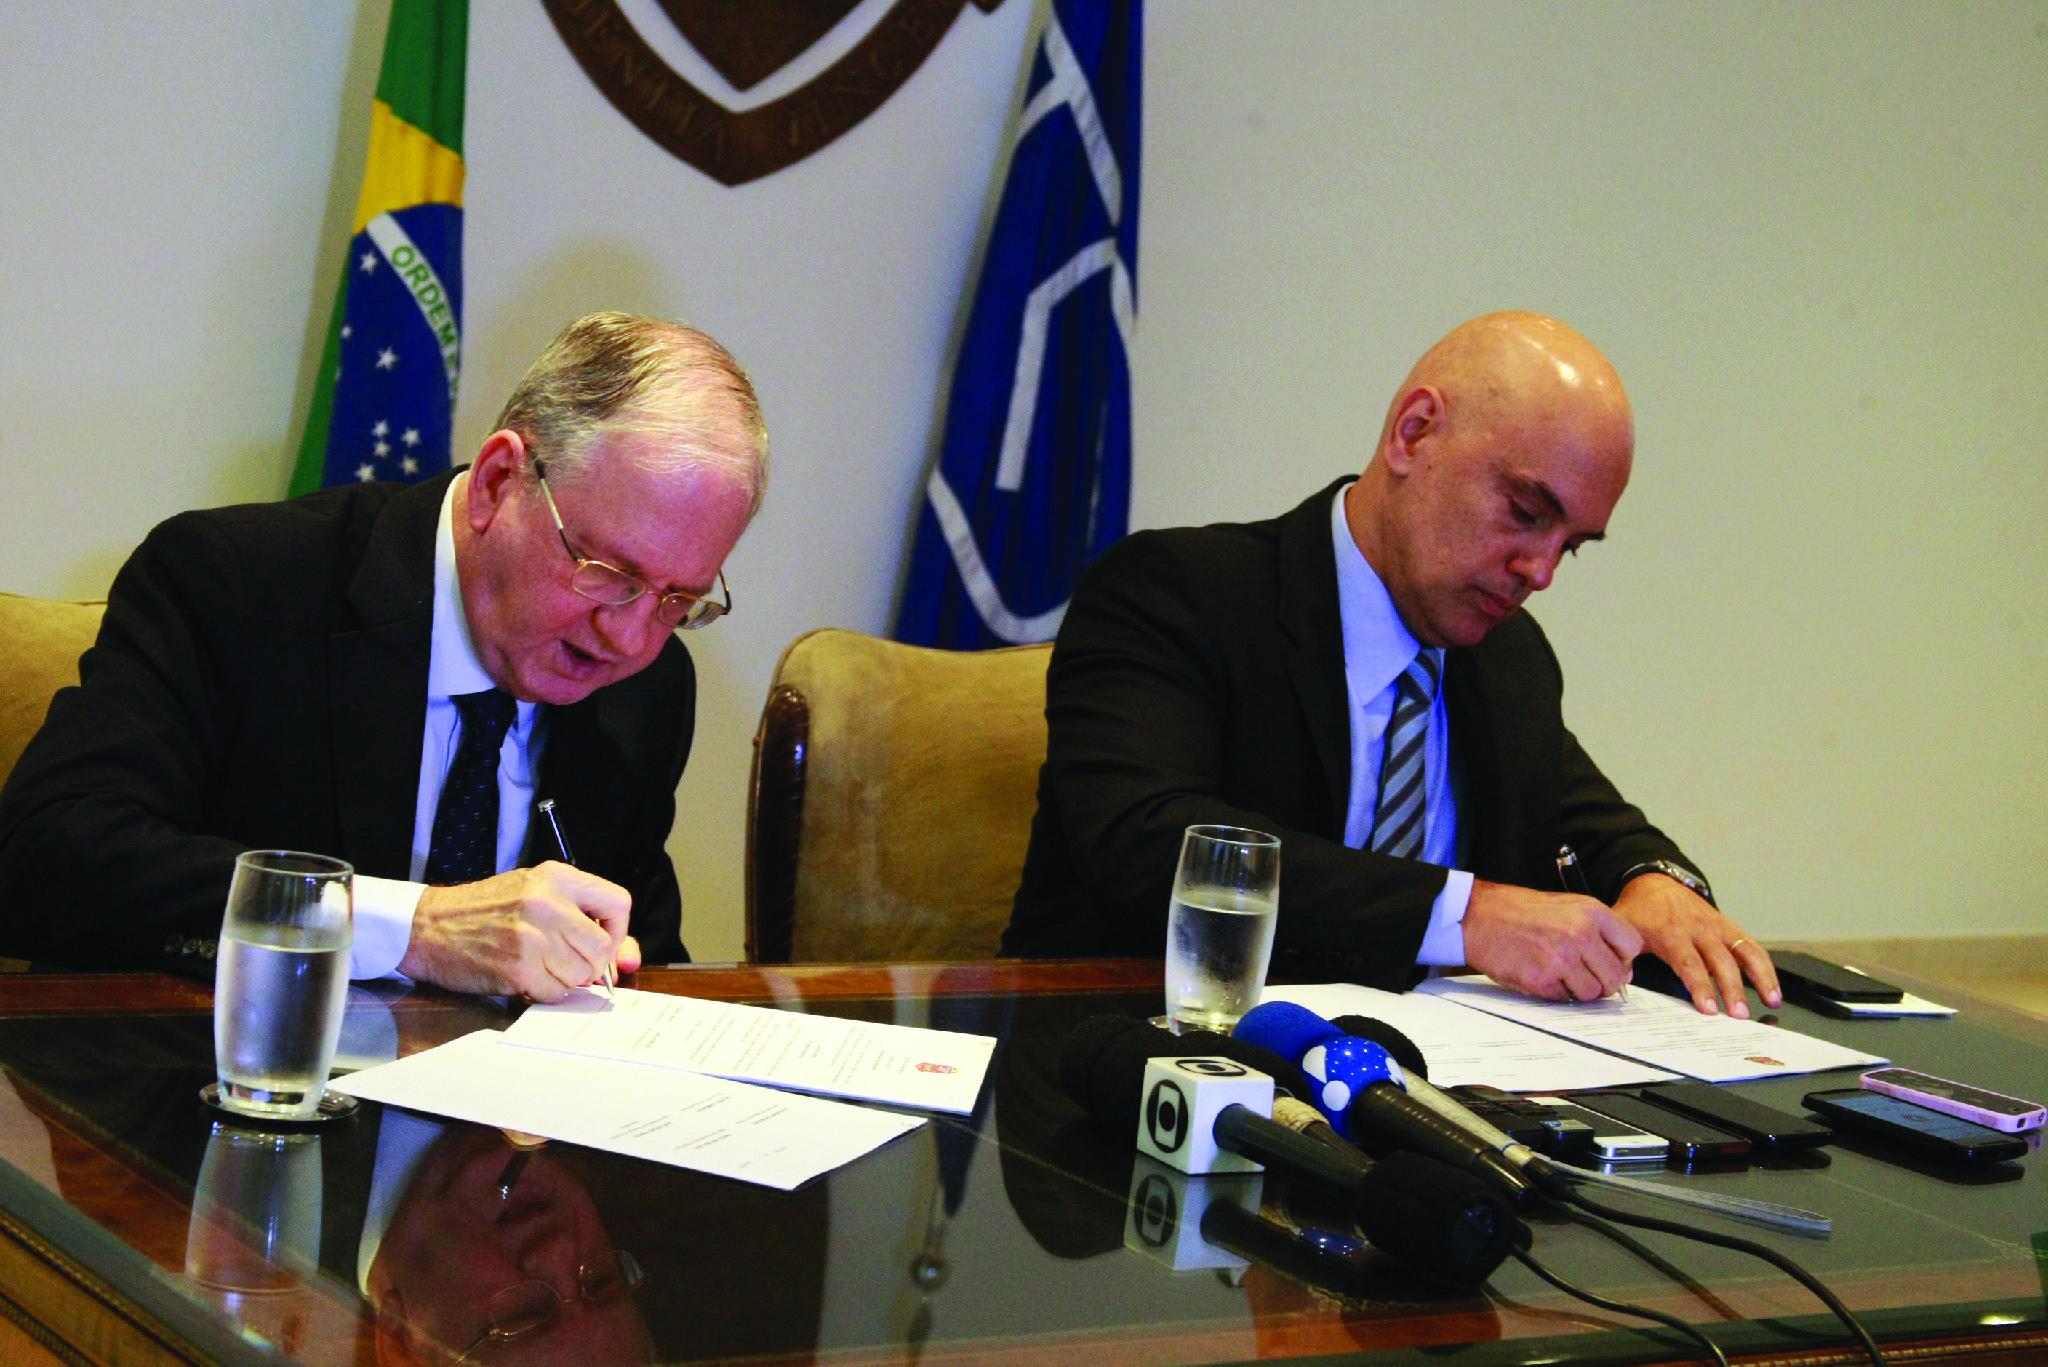 O reitor Marco Antonio Zago e Alexandre de Moraes, quando Moraes ainda era secretário estadual de segurança pública de São Paulo